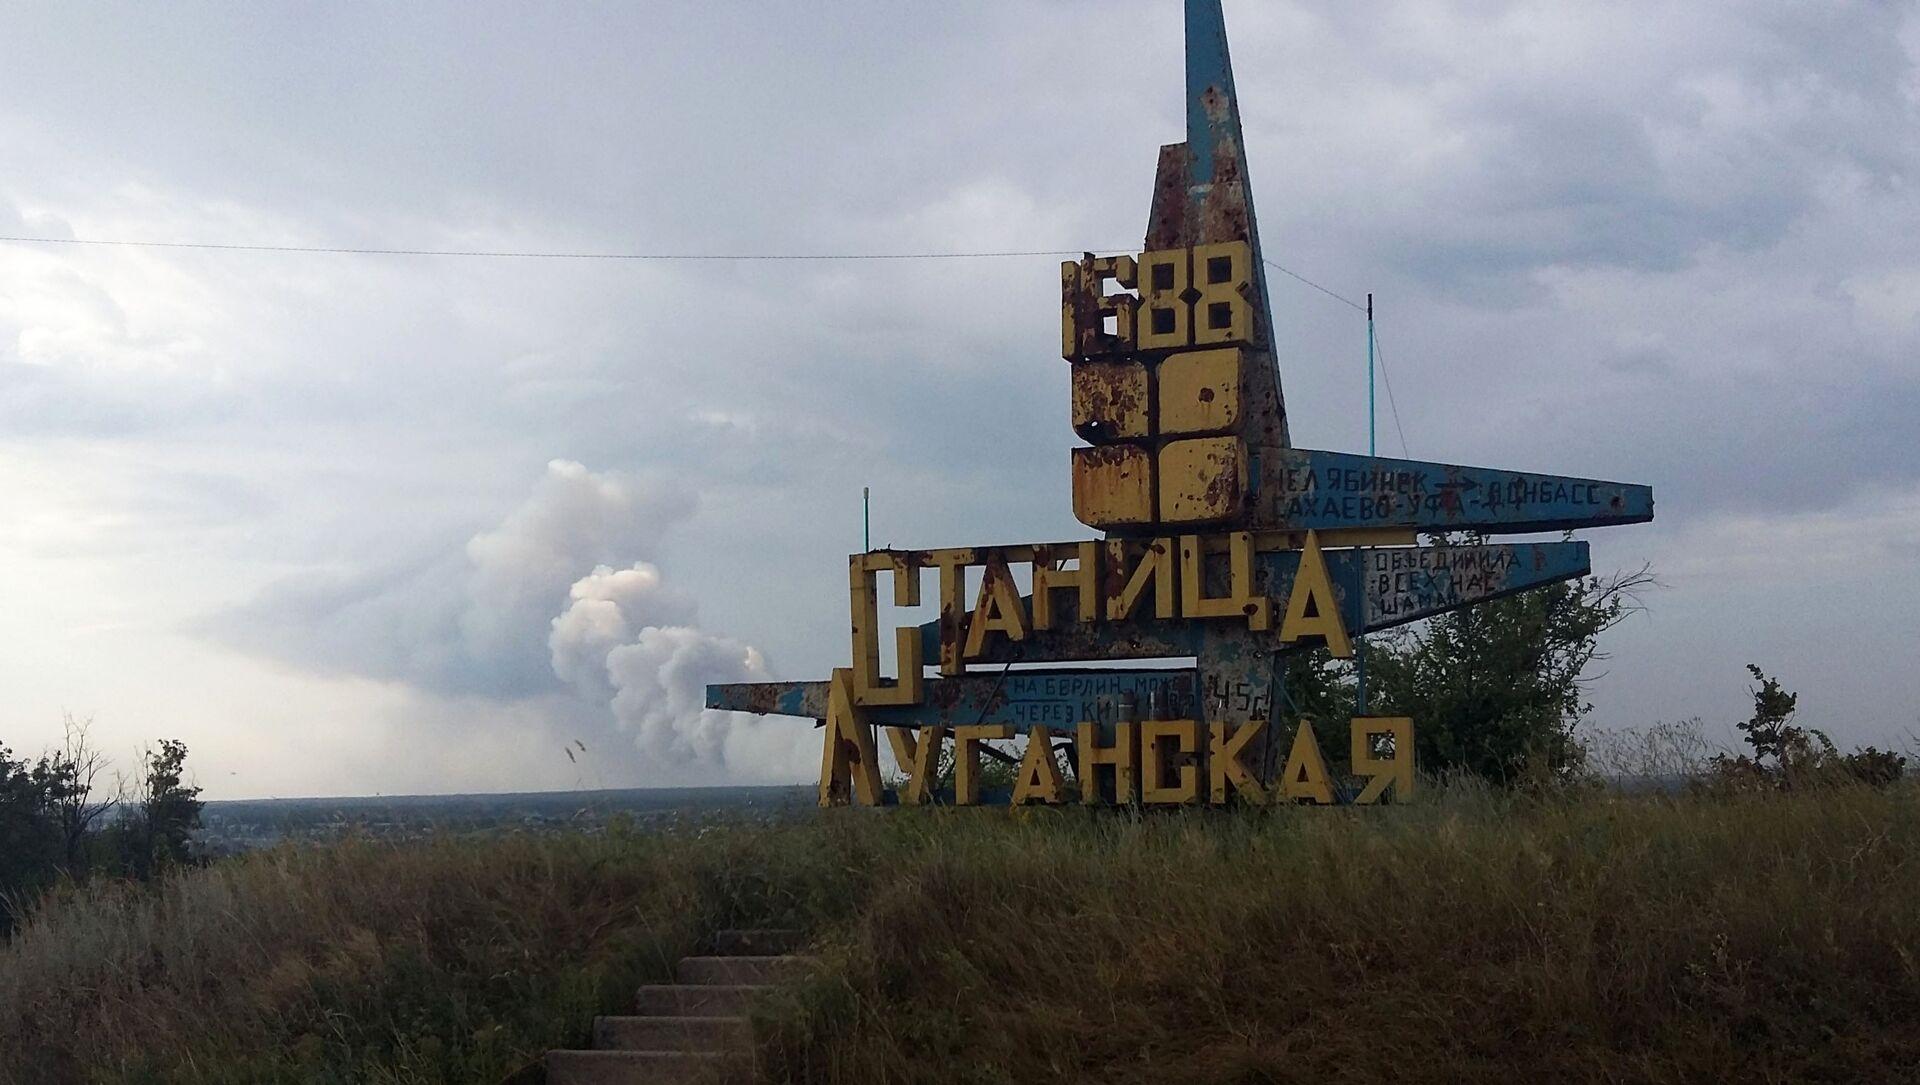 Улаз у Станицу Луганск на линији додира у Донбасу - Sputnik Србија, 1920, 22.03.2021